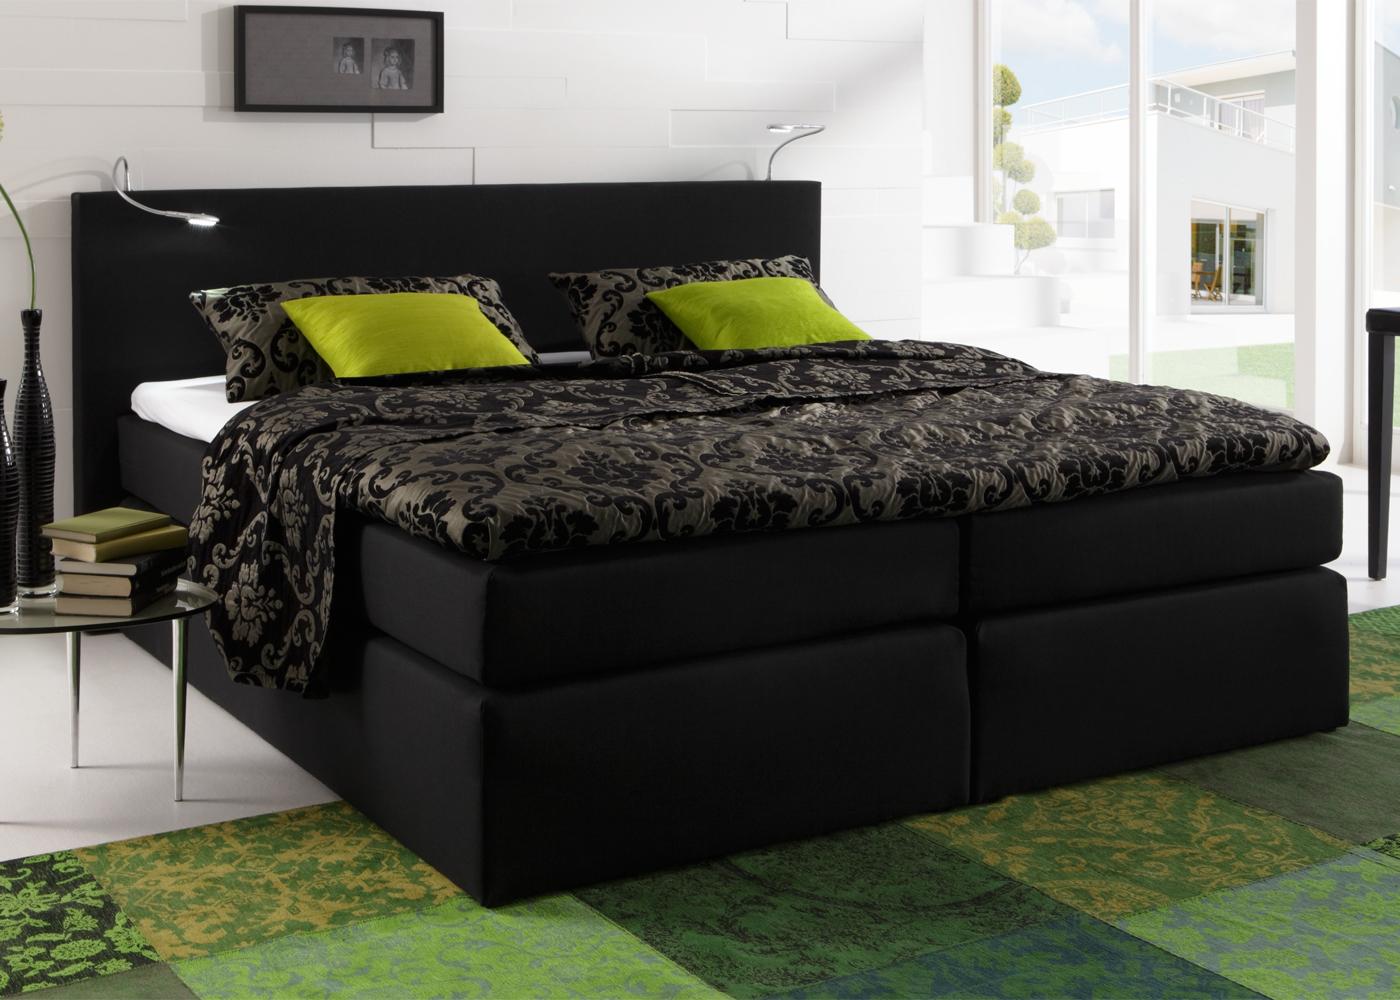 boxspringbett atlanta hotelbett doppelbett savanna federkern und topper ebay. Black Bedroom Furniture Sets. Home Design Ideas